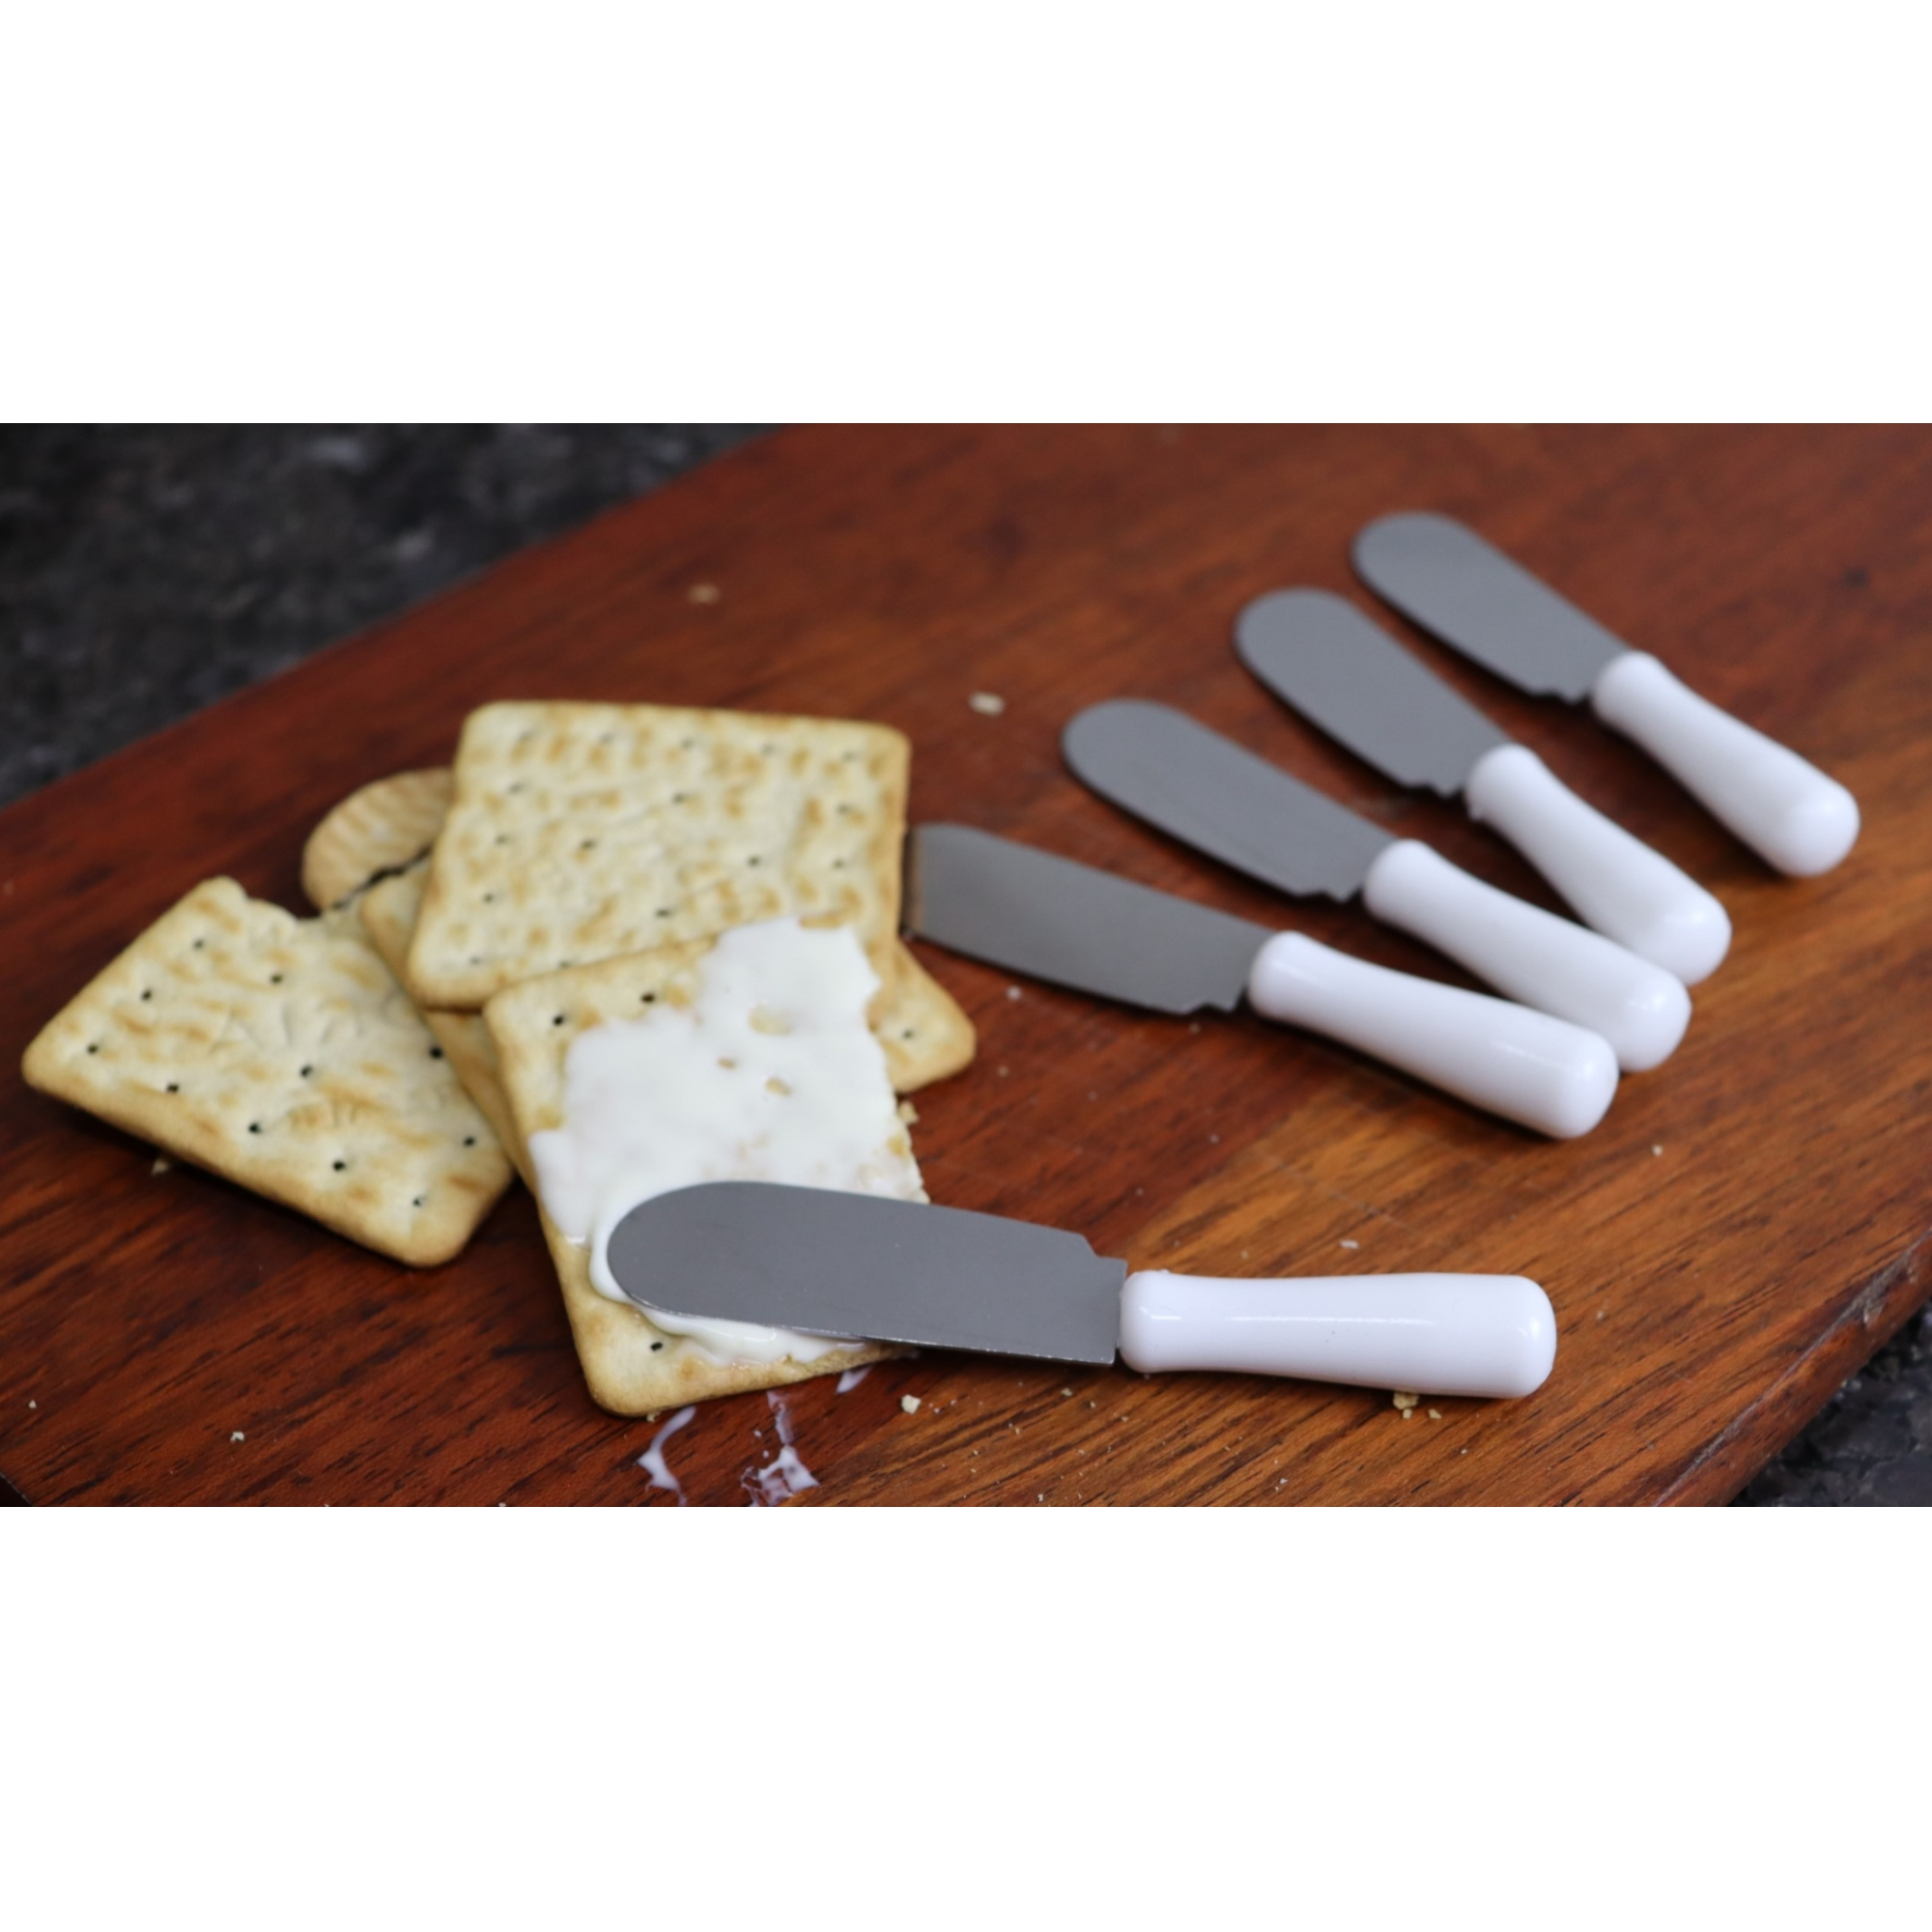 espátula para manteiga pate geleia café kit 6 unidades10cm branca